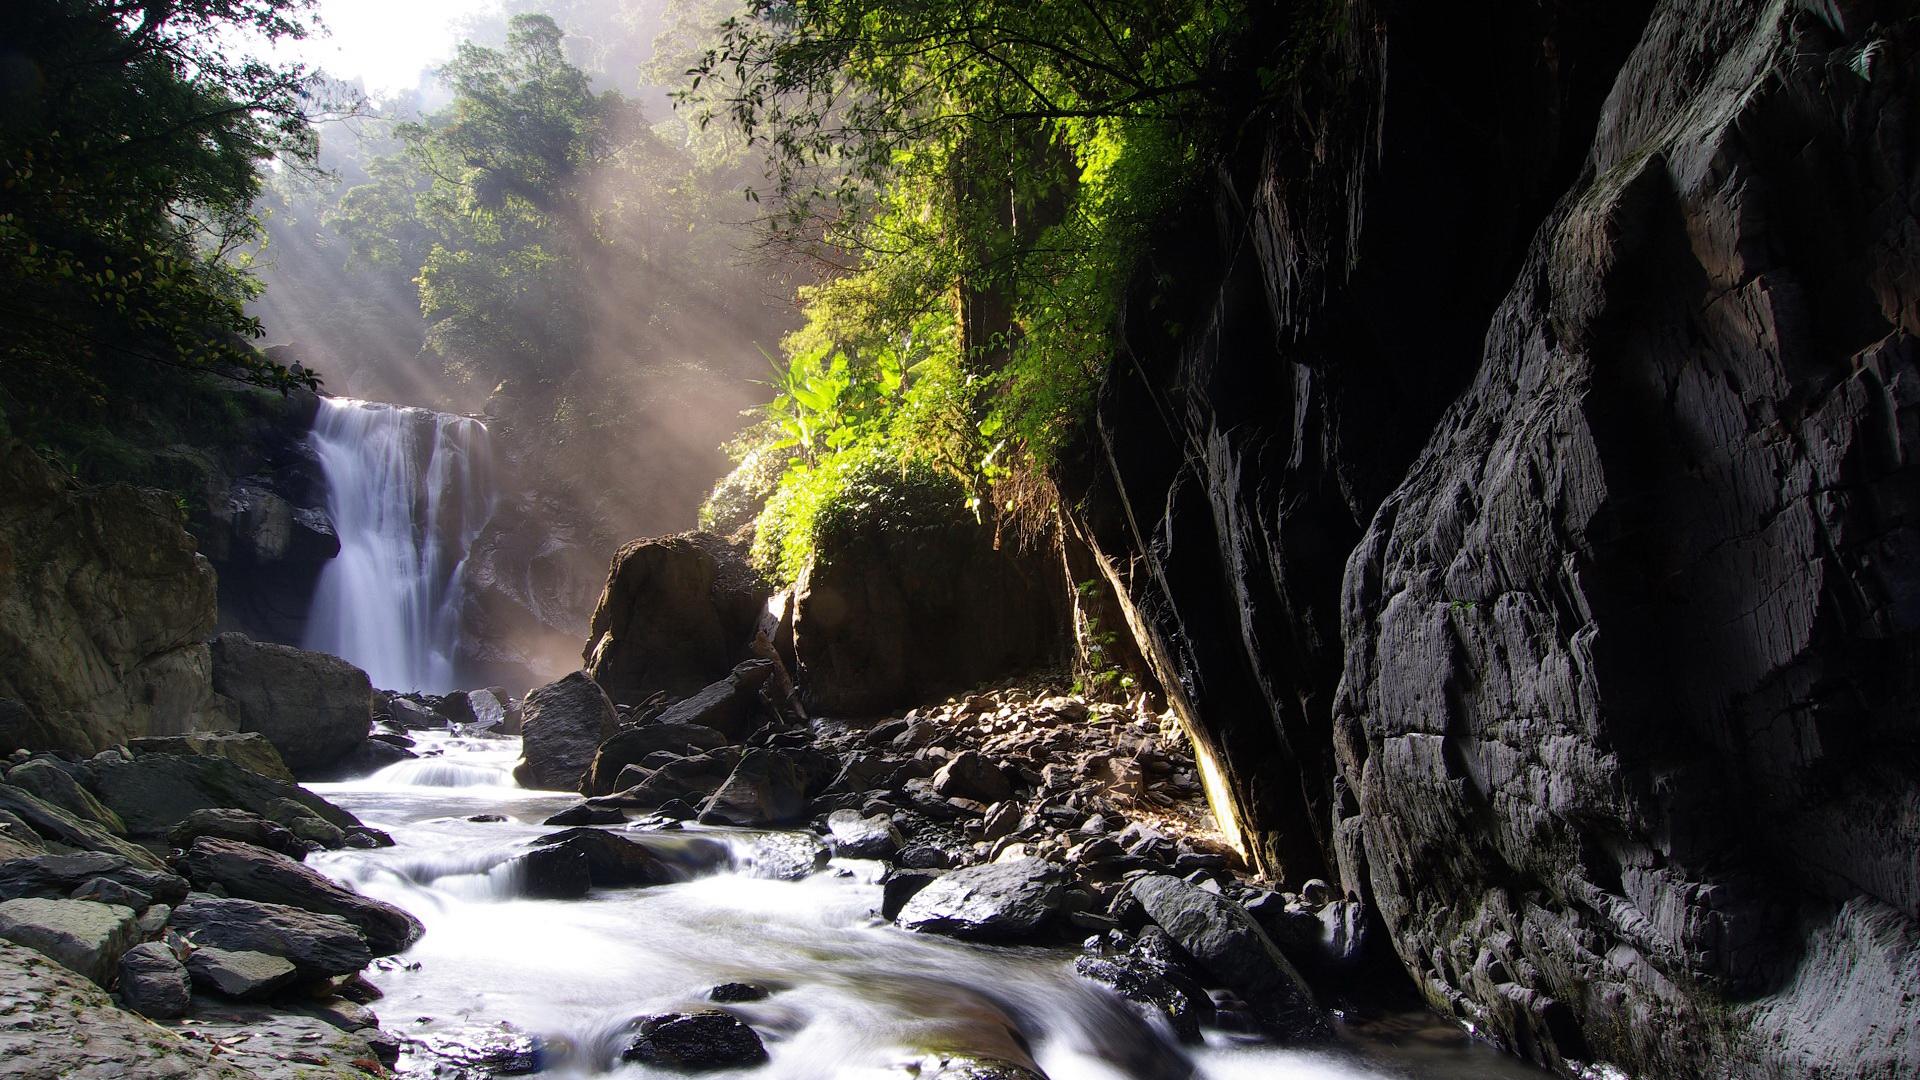 23623 скачать обои Пейзаж, Река, Камни, Водопады - заставки и картинки бесплатно